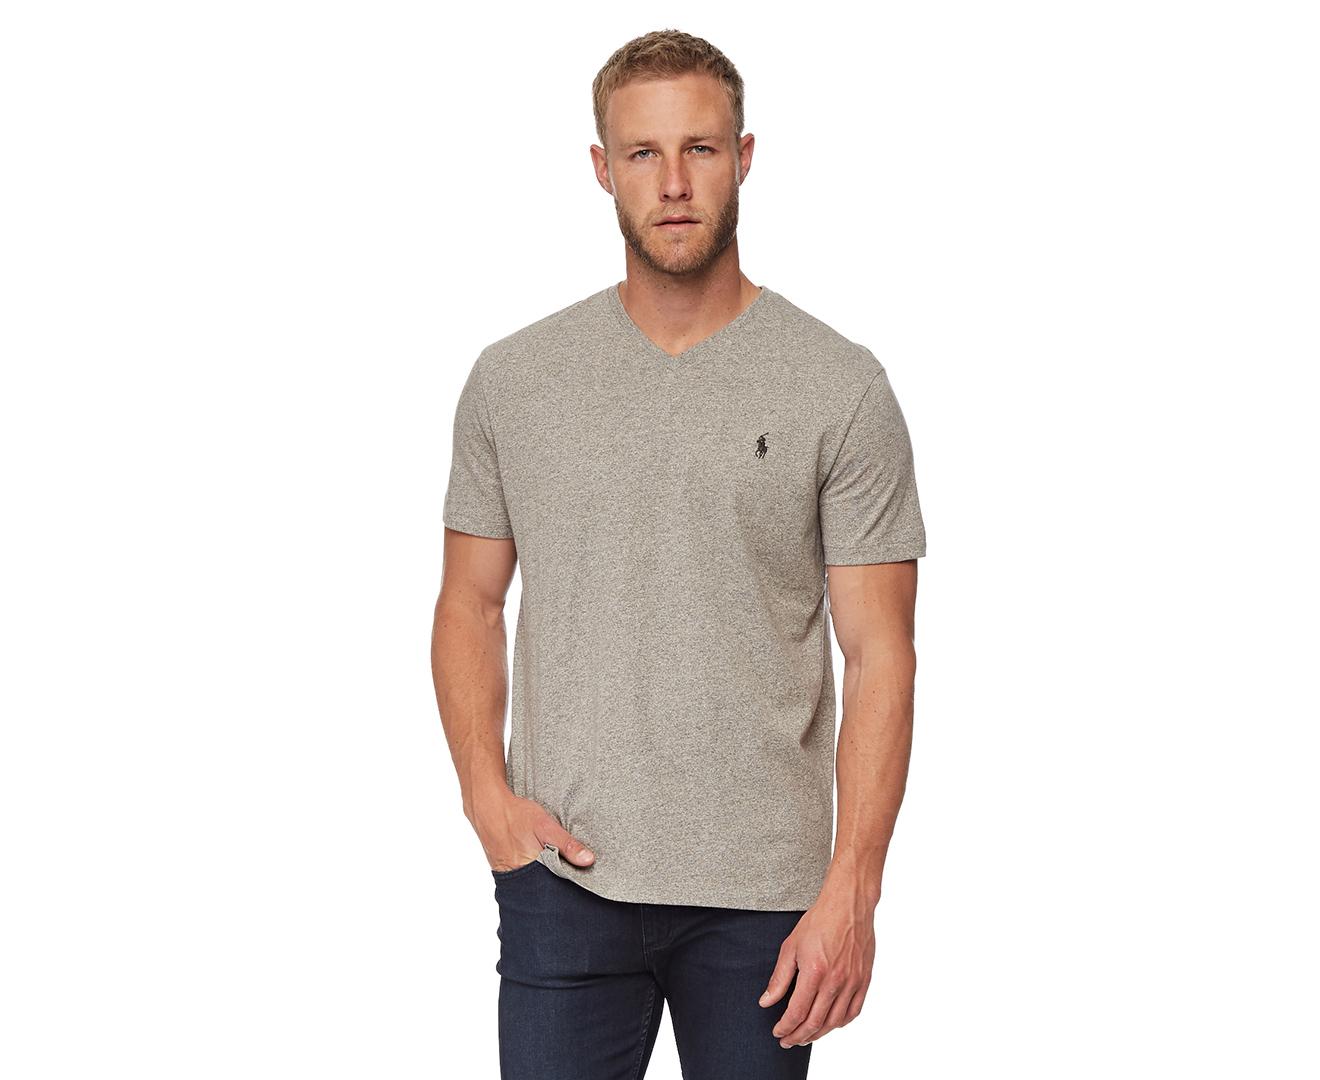 24e7eb5e Polo Ralph Lauren Men's Short Sleeve V-Neck Tee - Grey Heather | eBay